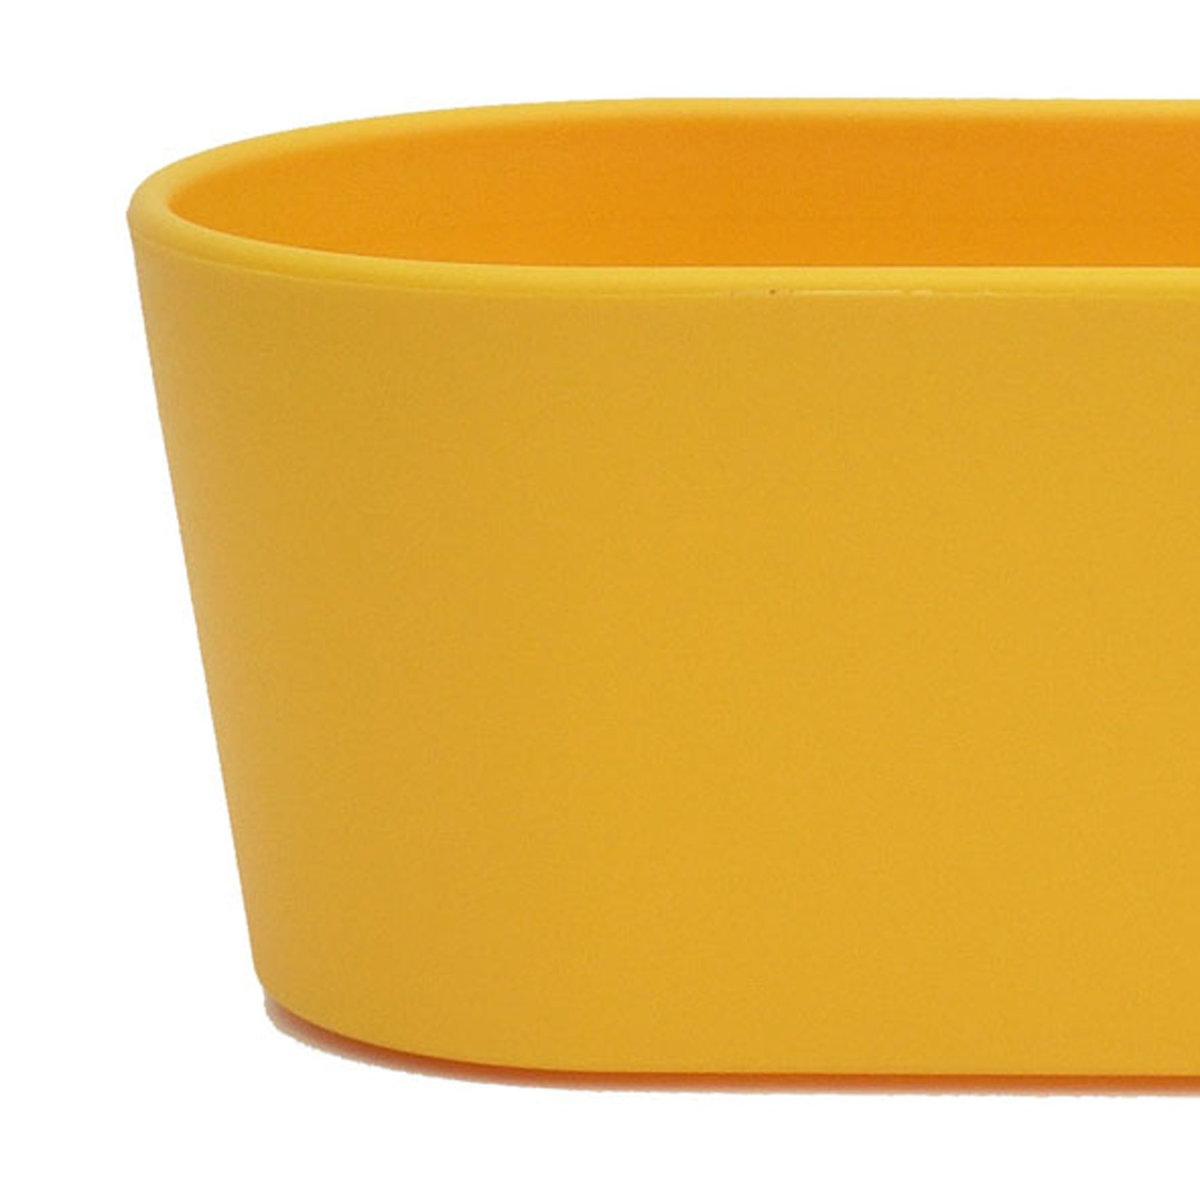 Set7 7 teilig Kunststoff Flori Pflanzschale dunkelsilber f/ür Hydrokultur L 26.5 cm B 10.0 cm H 08.0 cm